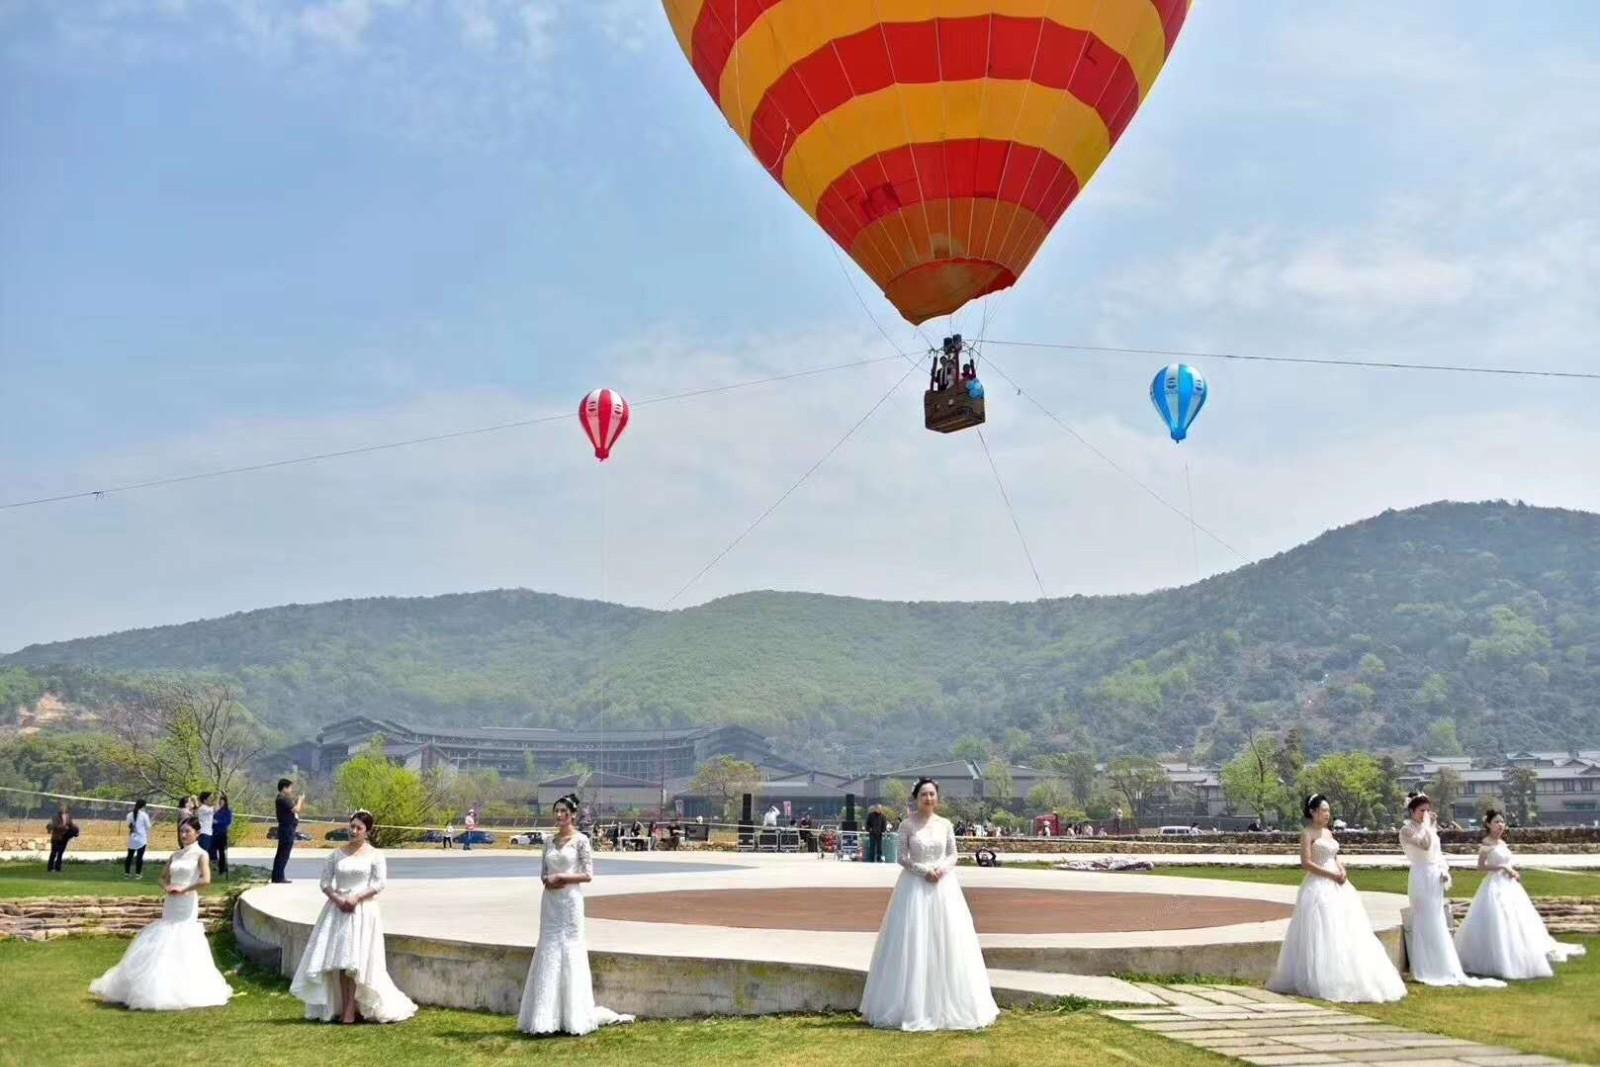 坐一次热球多少钱_岭东区婚庆热气球租赁一天多少钱